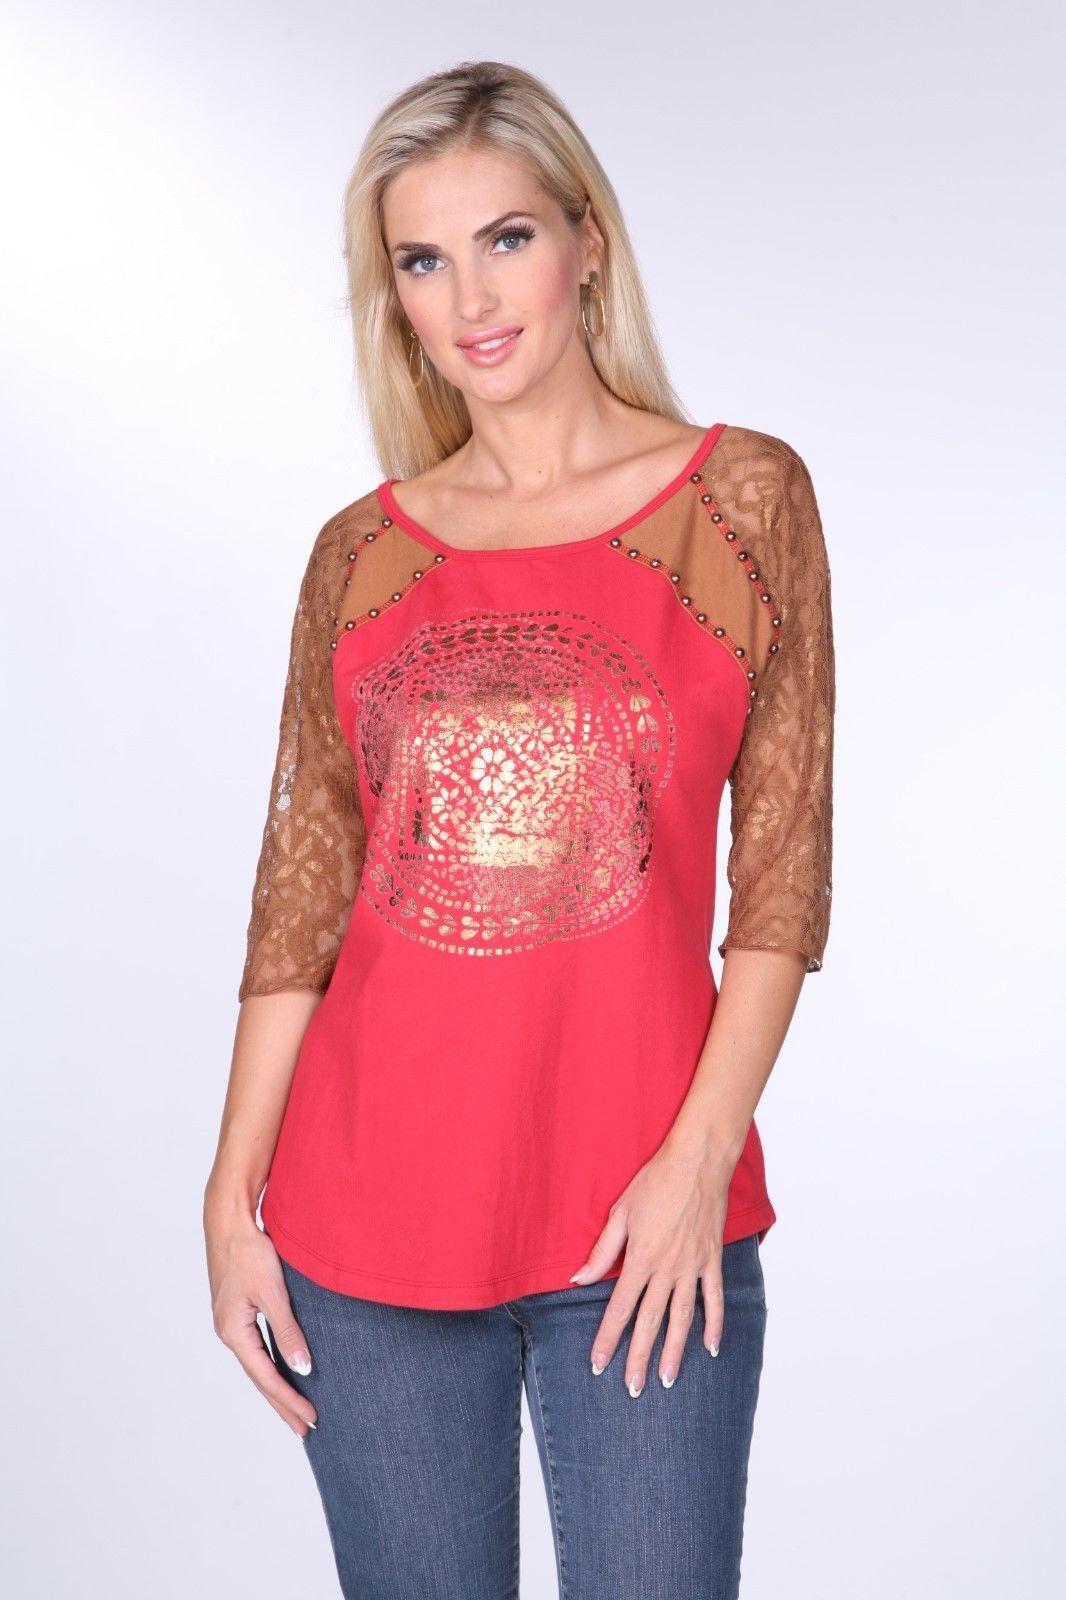 Woherren T-Shirt Top Shirt rot Bronze Krista Lee Jordana Lace Sleeves Embellished